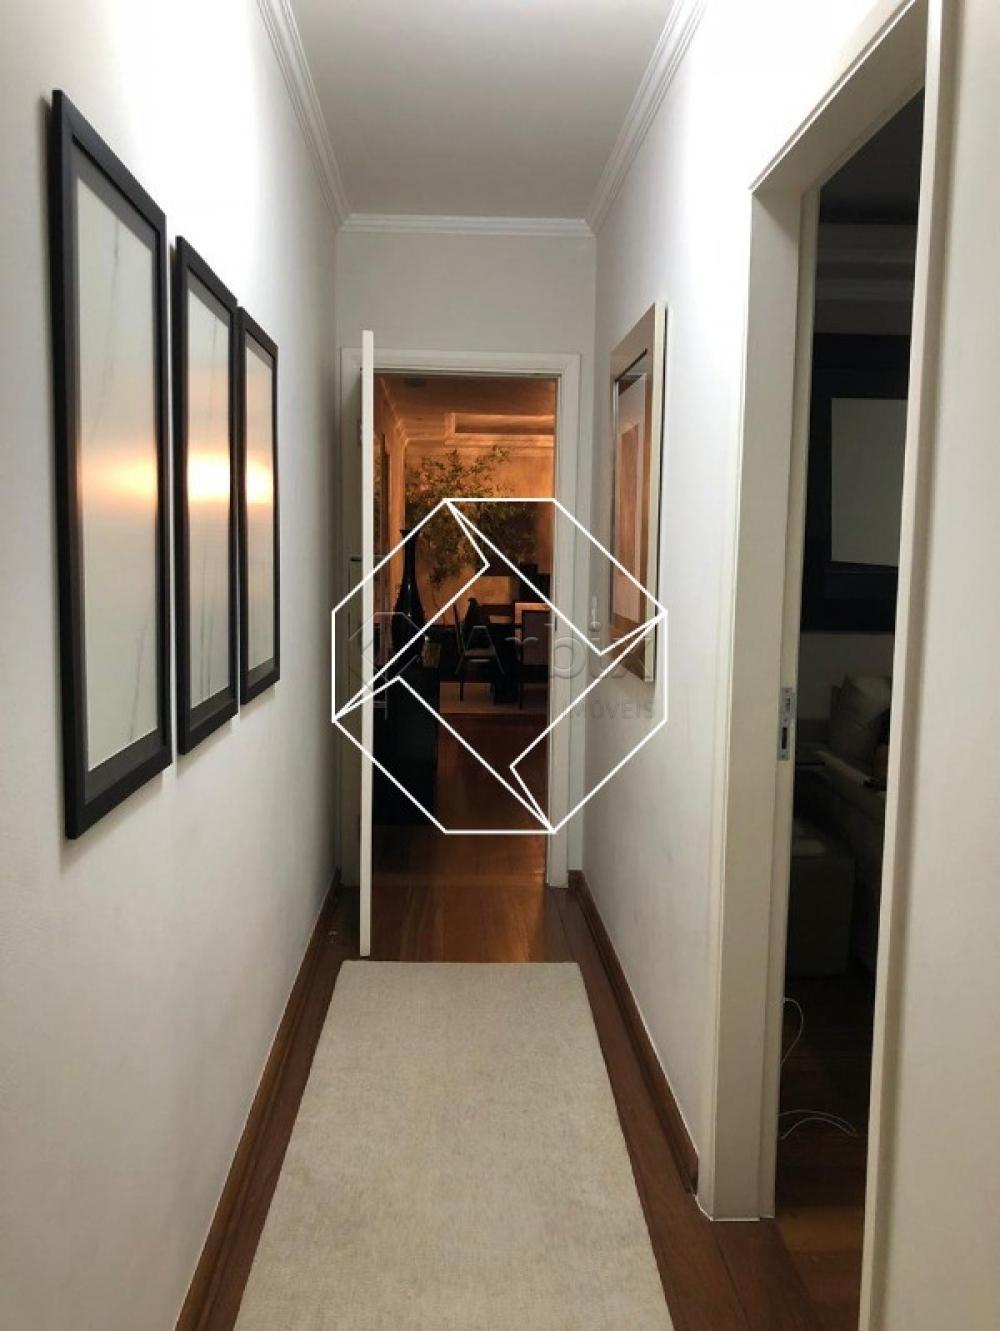 Comprar Apartamento / Padrão em Americana apenas R$ 850.000,00 - Foto 12